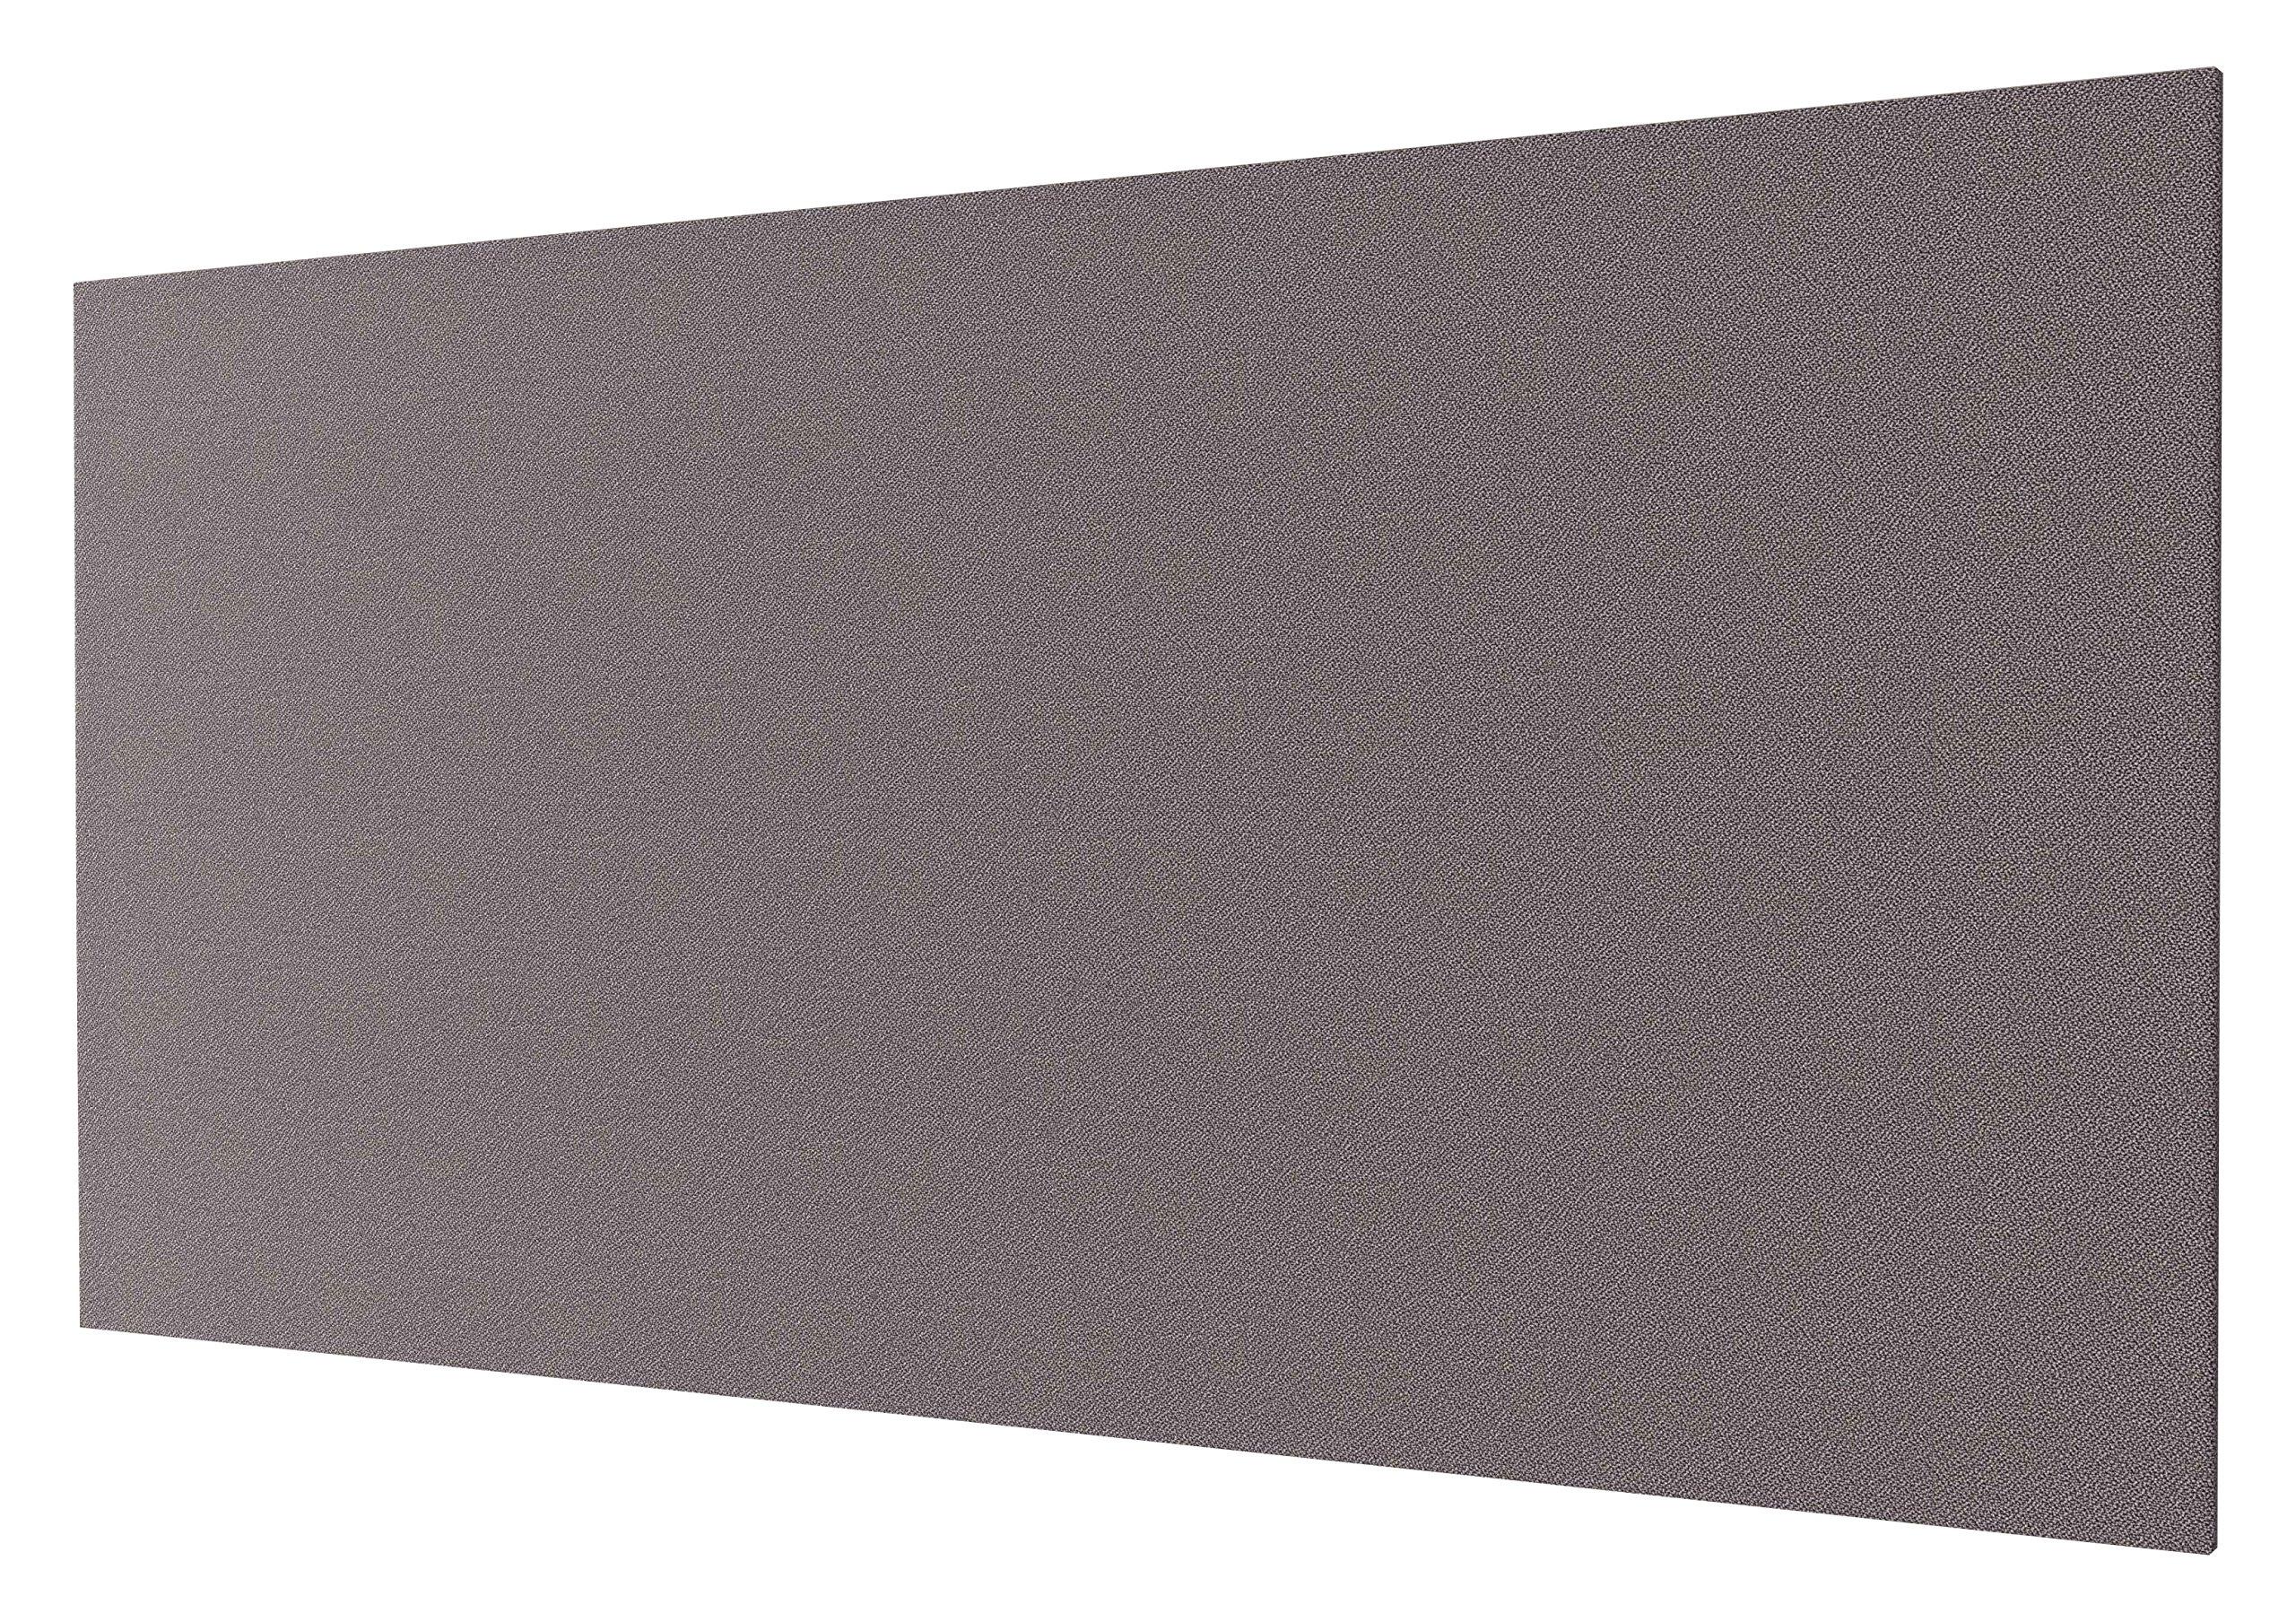 OBEX 30X60-TB-R-SL Rectangle Tackboard Contemporary Slate